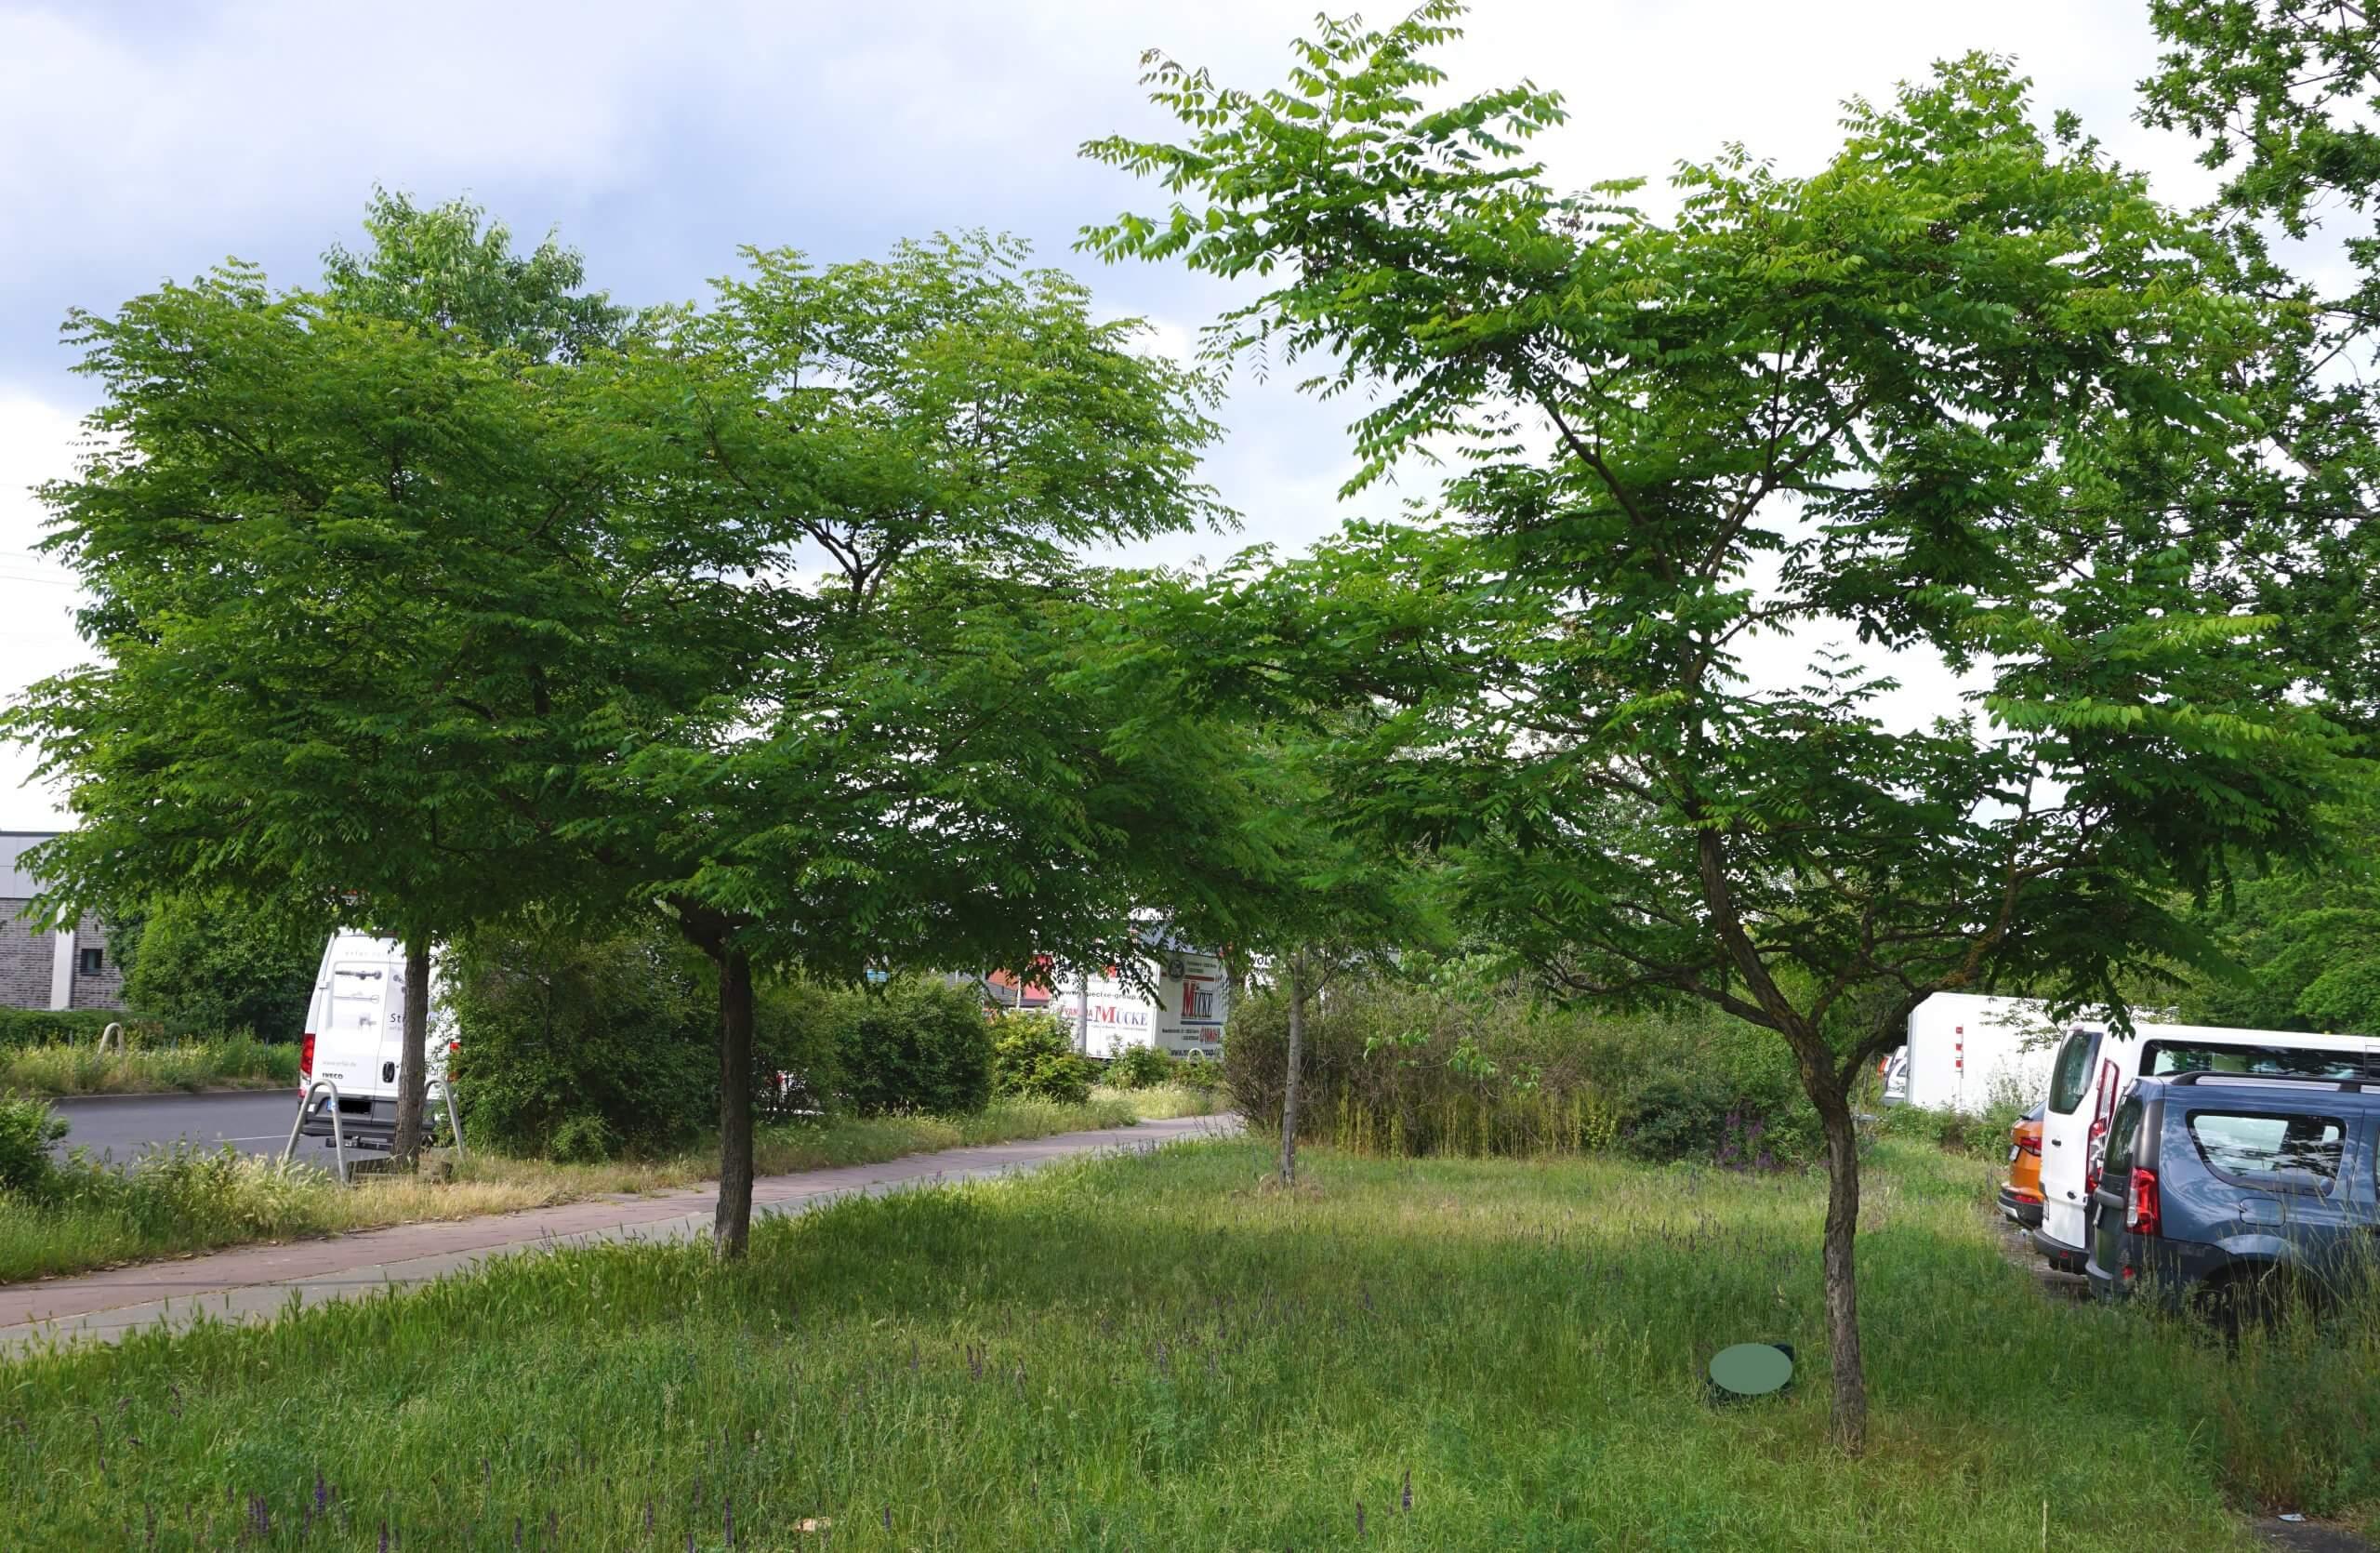 Das Bild zeigt zwei nah beieinander stehende kleine Exemplare des Kentucky-Geweihbaumes an der Schönefelder Chaussee im Kosmosviertel. Es handelt sich bei diesem zweihäusig auftretenden Baum um je ein Exemplar mit weiblichen und männlichen Blüten.